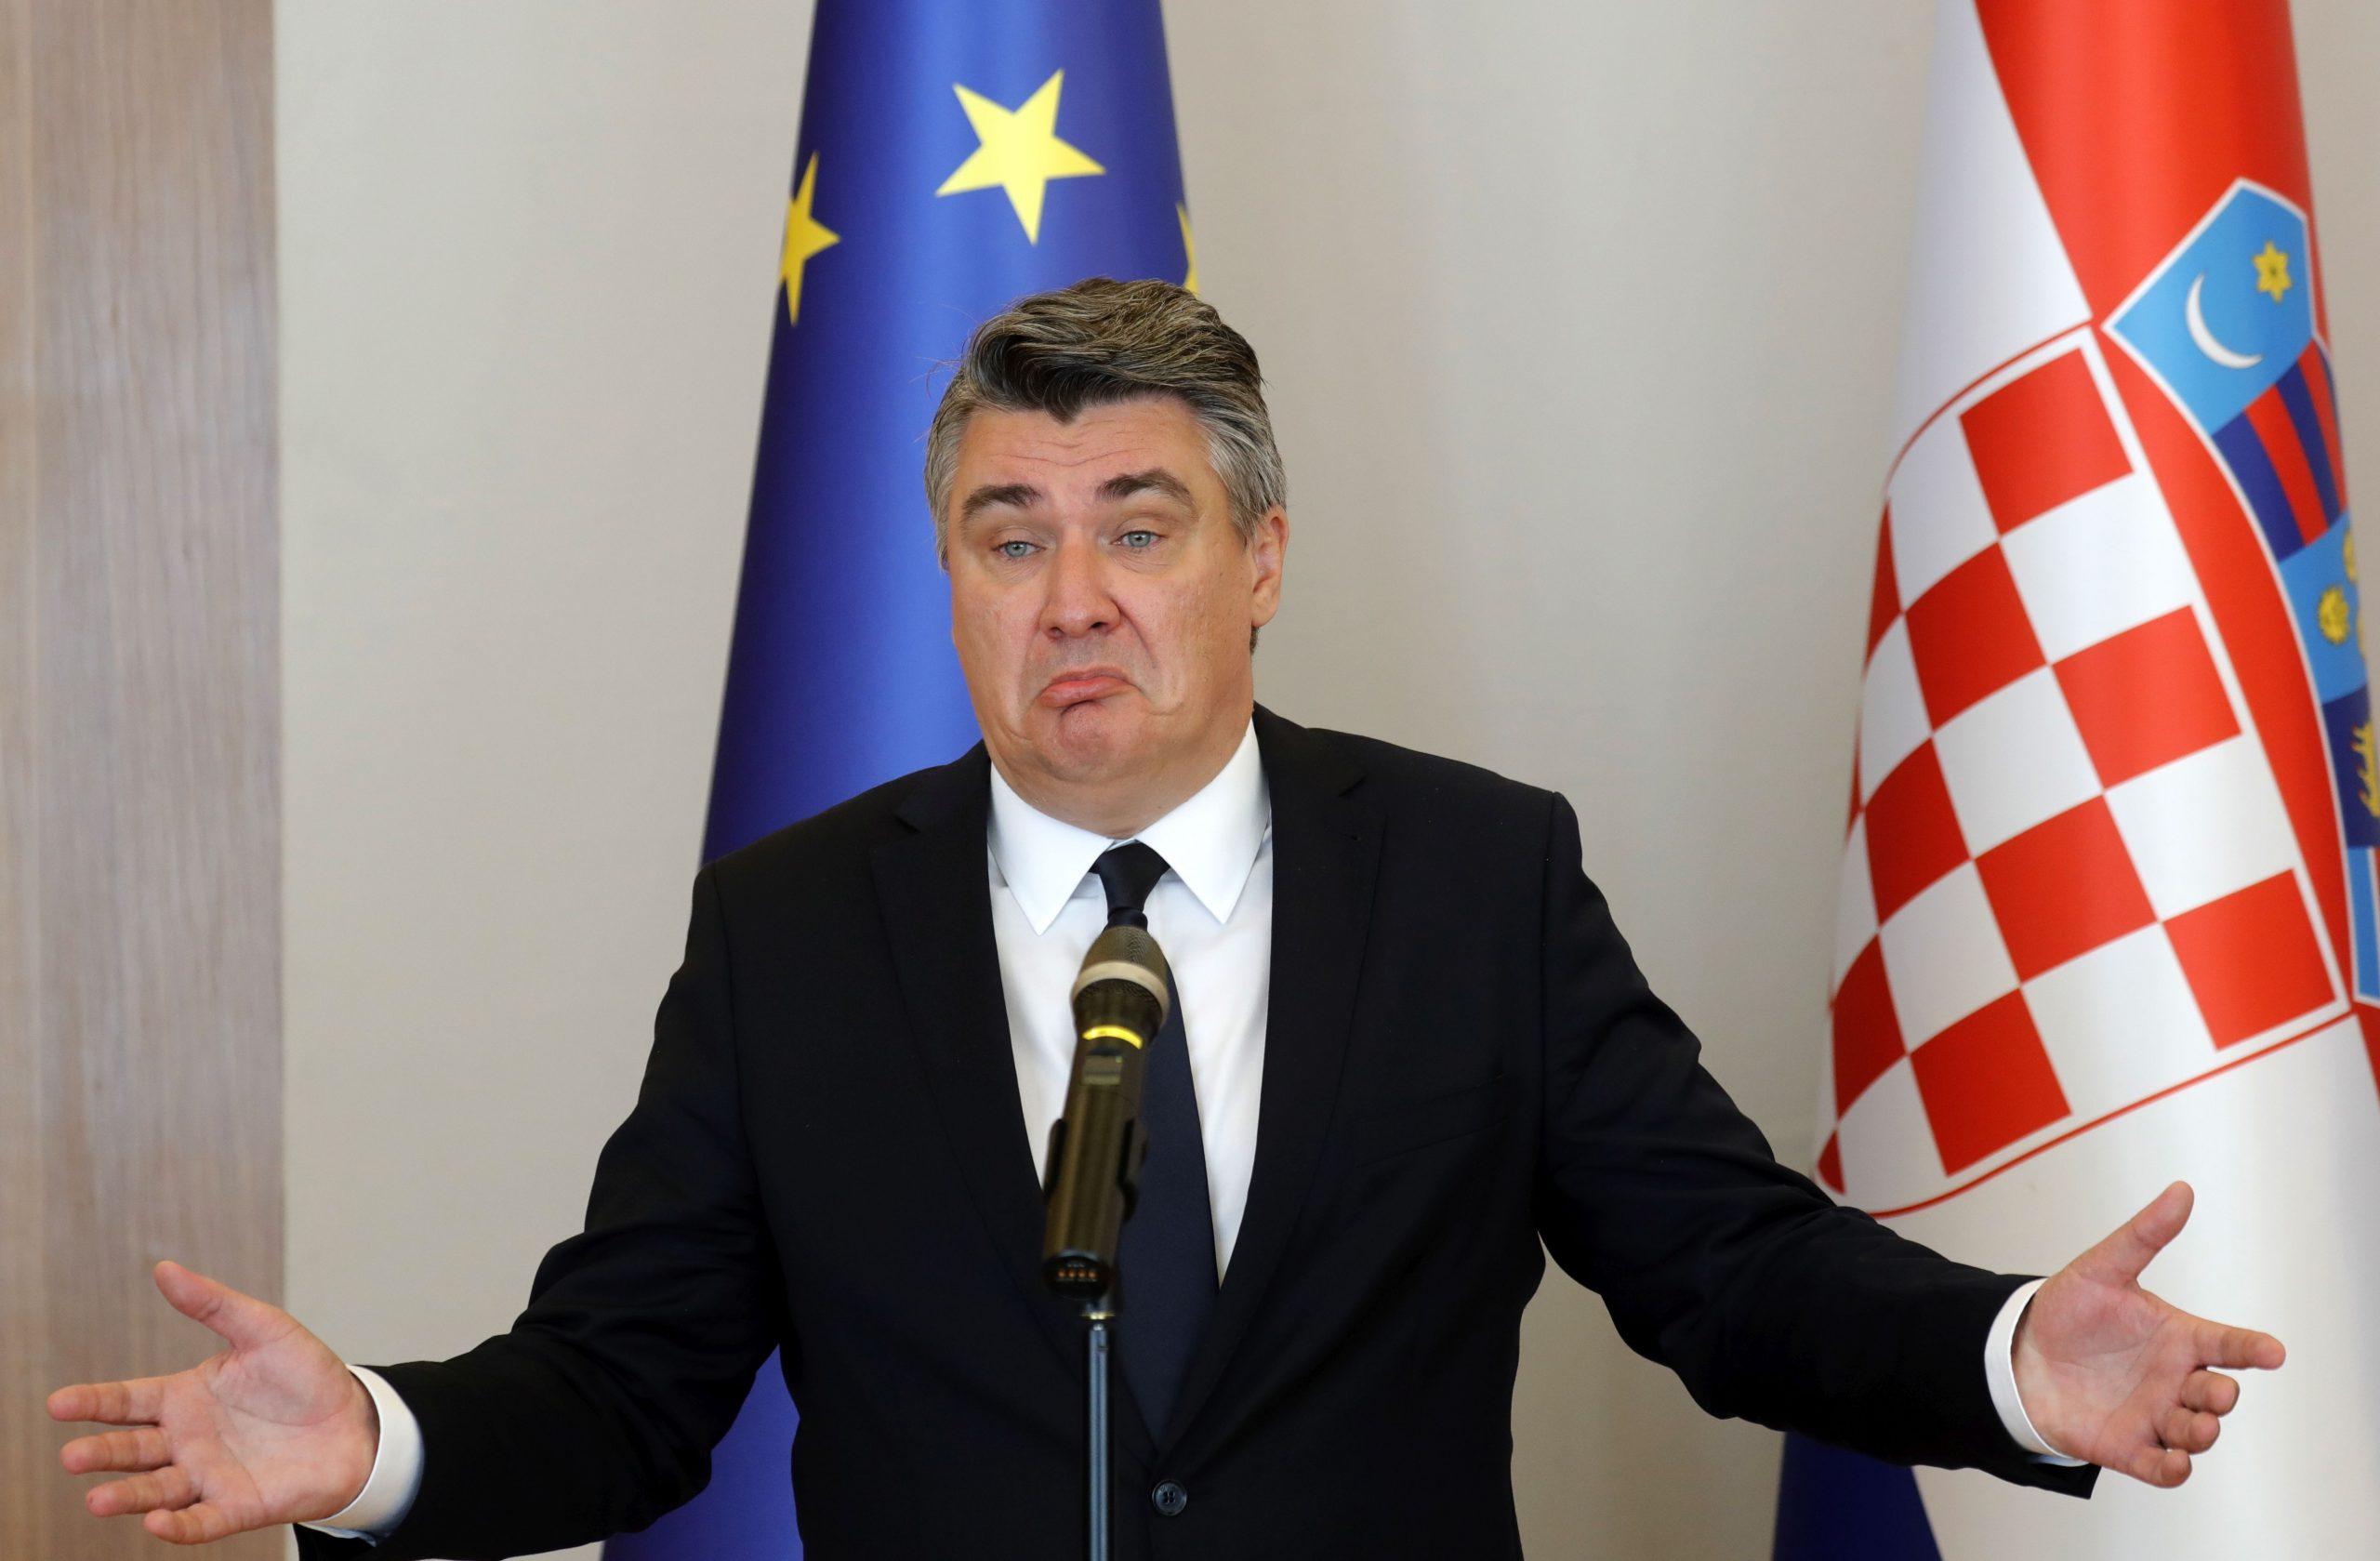 Novinarska udruženja osuđuju napade hrvatskog premijera na medije 1